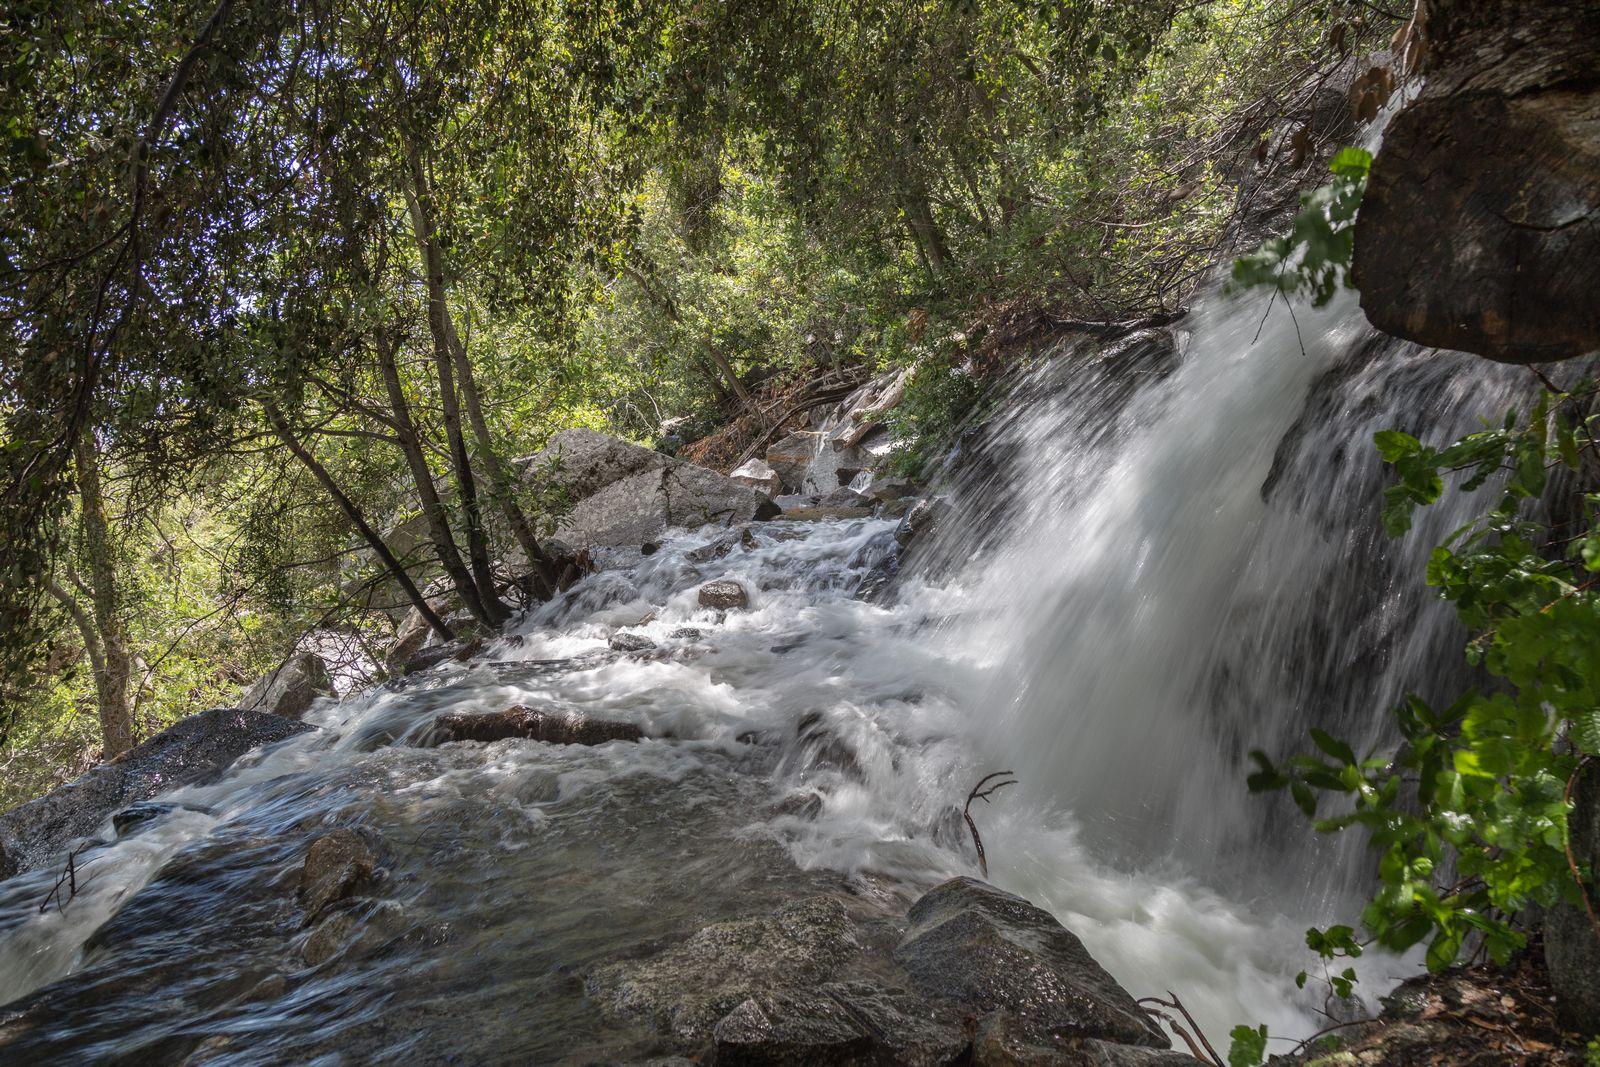 El agua que cae de Tueeulala inunda por completo el camino